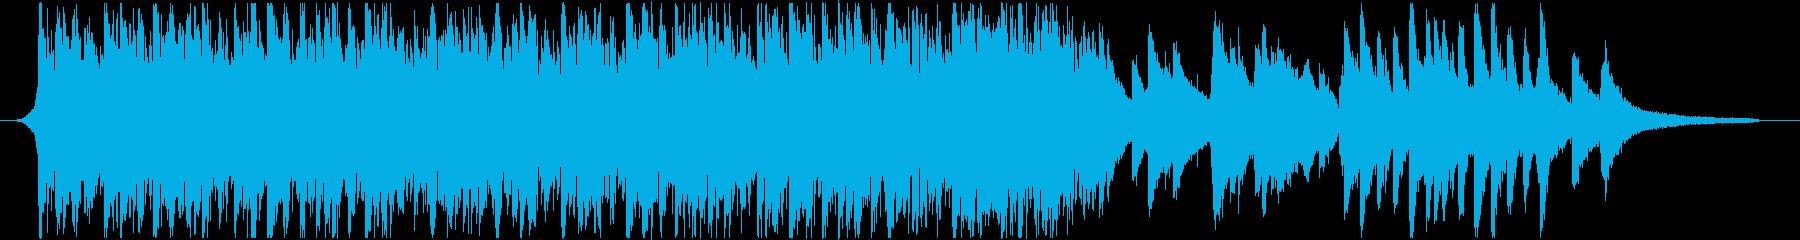 1分ジャストのさわやかピアノ&アコギの再生済みの波形